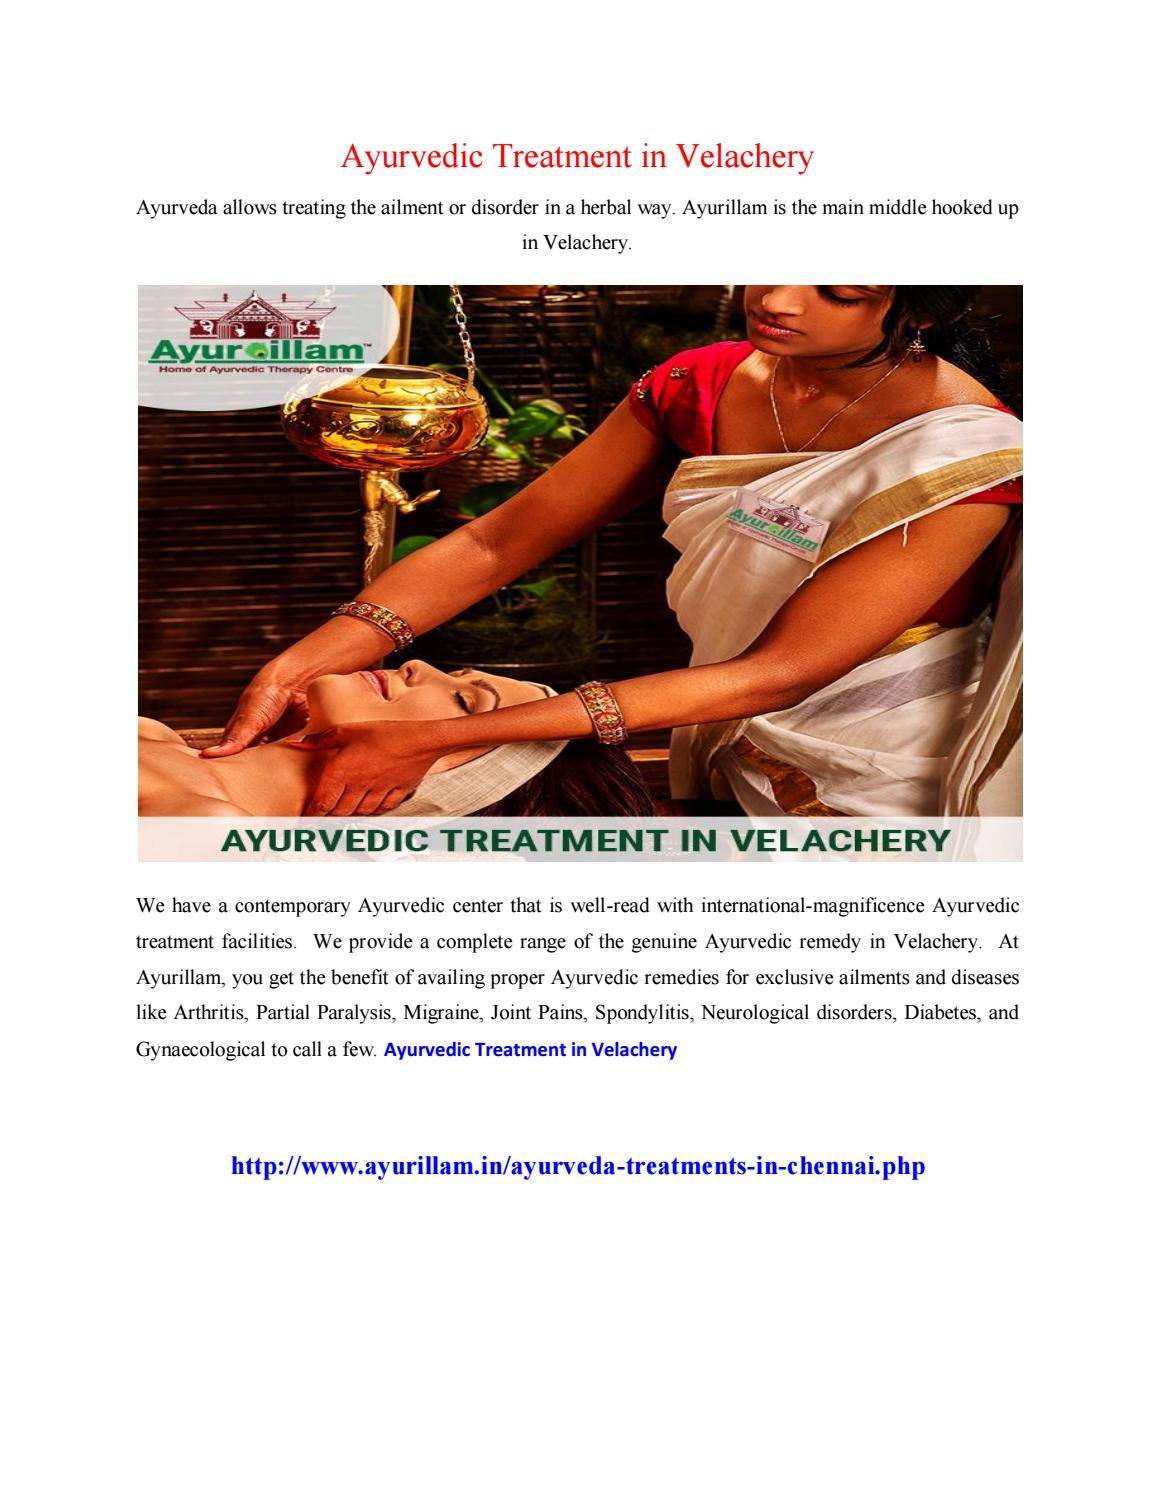 Ayurvedic treatment in velachery by Anandini - issuu